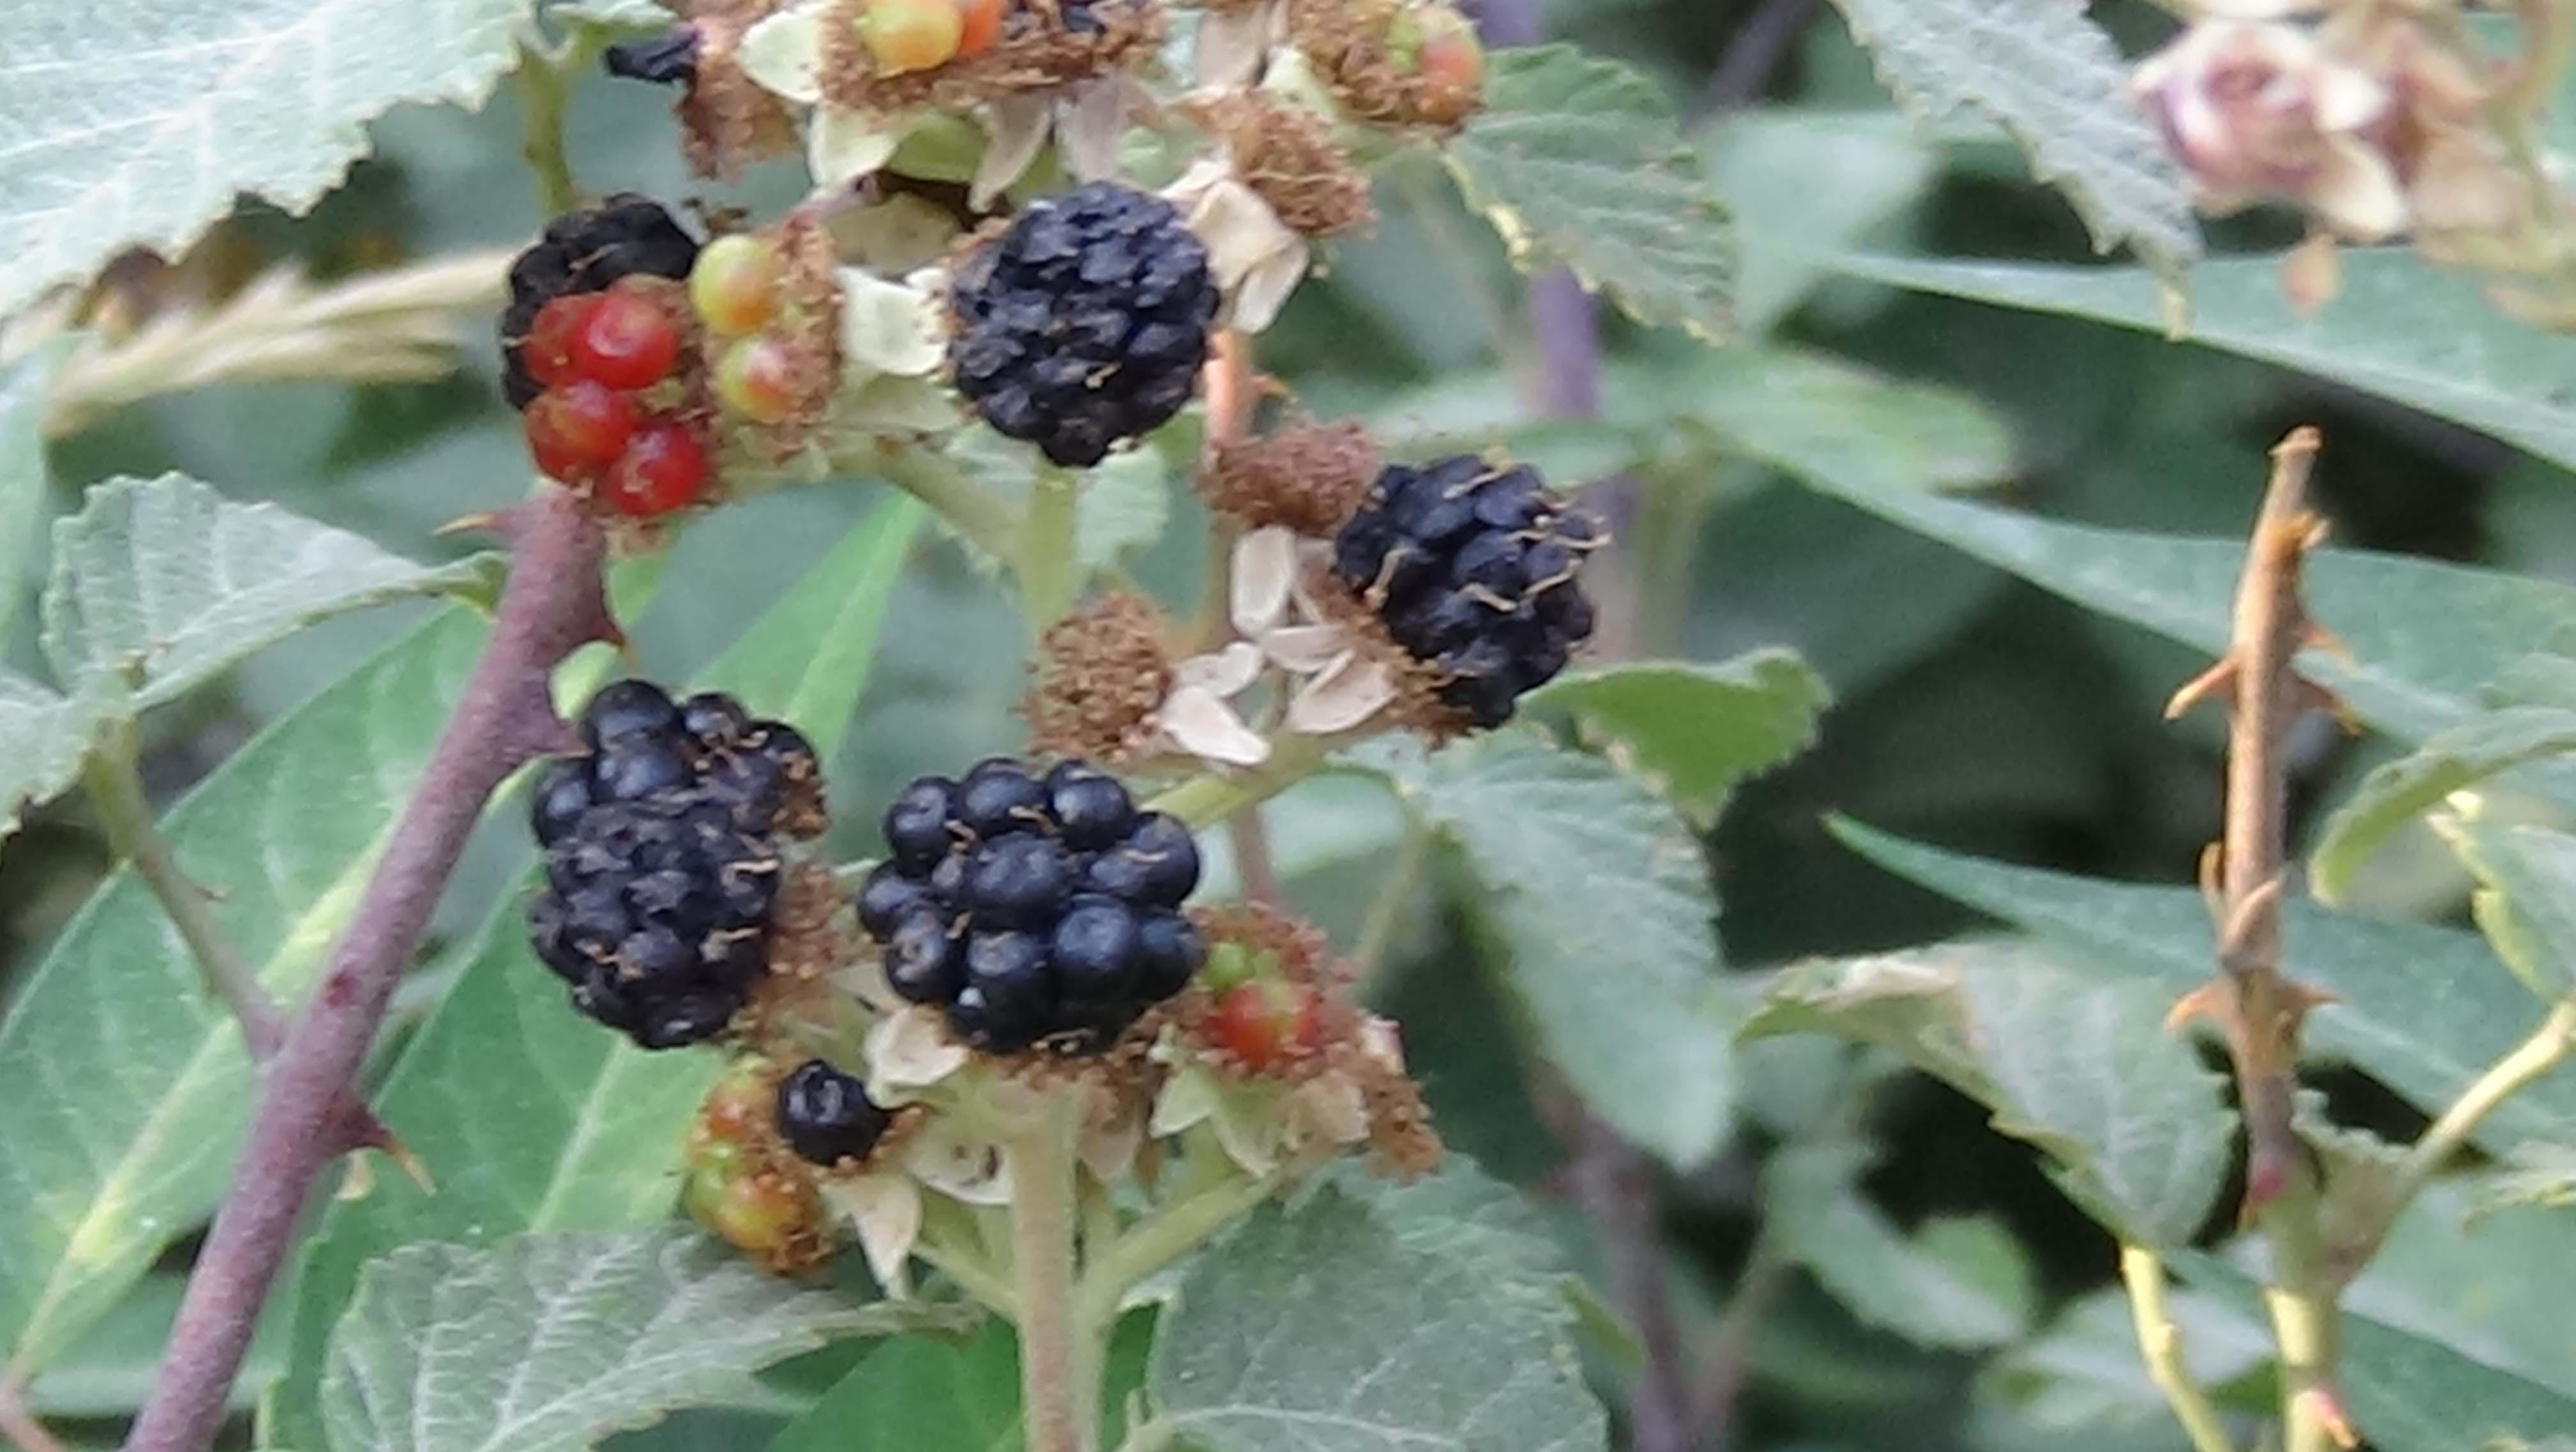 چترال کے محتلف علاقوں میں جنگلی پھلوں کی بھرمار ہے